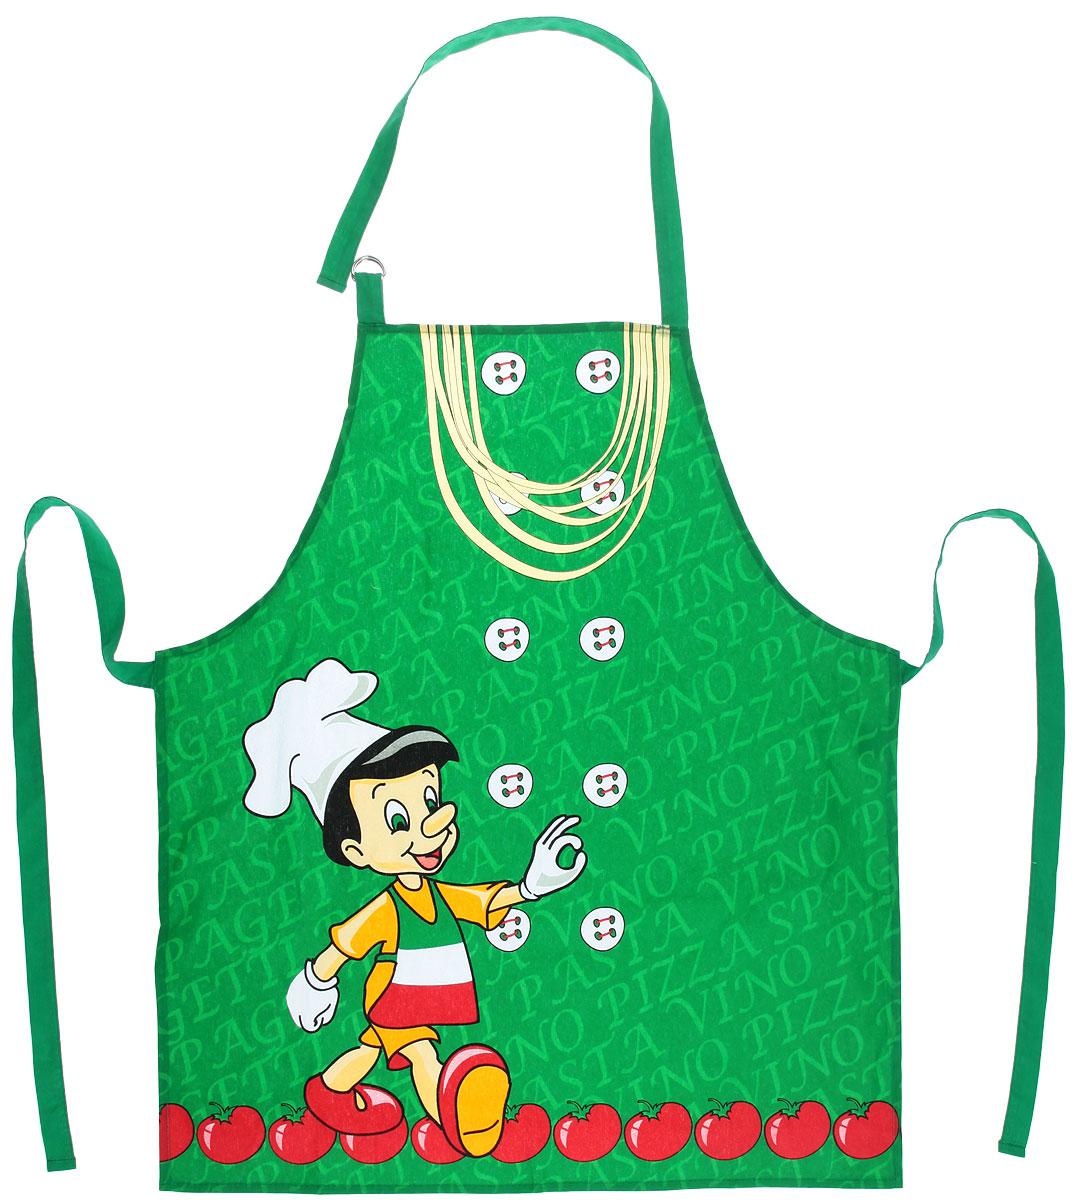 """Фартук Bon Appetit """"Италия"""", изготовленный из натурального 100% хлопка, оснащен карманом и  регулируемым шейным ремешком, который поможет подогнать фартук по вашему росту. Удлиненный пояс можно завязать сзади или обернуть вокруг талии, благодаря чему фартук подойдет на фигуру S-XXL.  Такой фартук поднимет настроение, позволит почувствовать себя нарядной и женственной при выполнении домашних дел."""